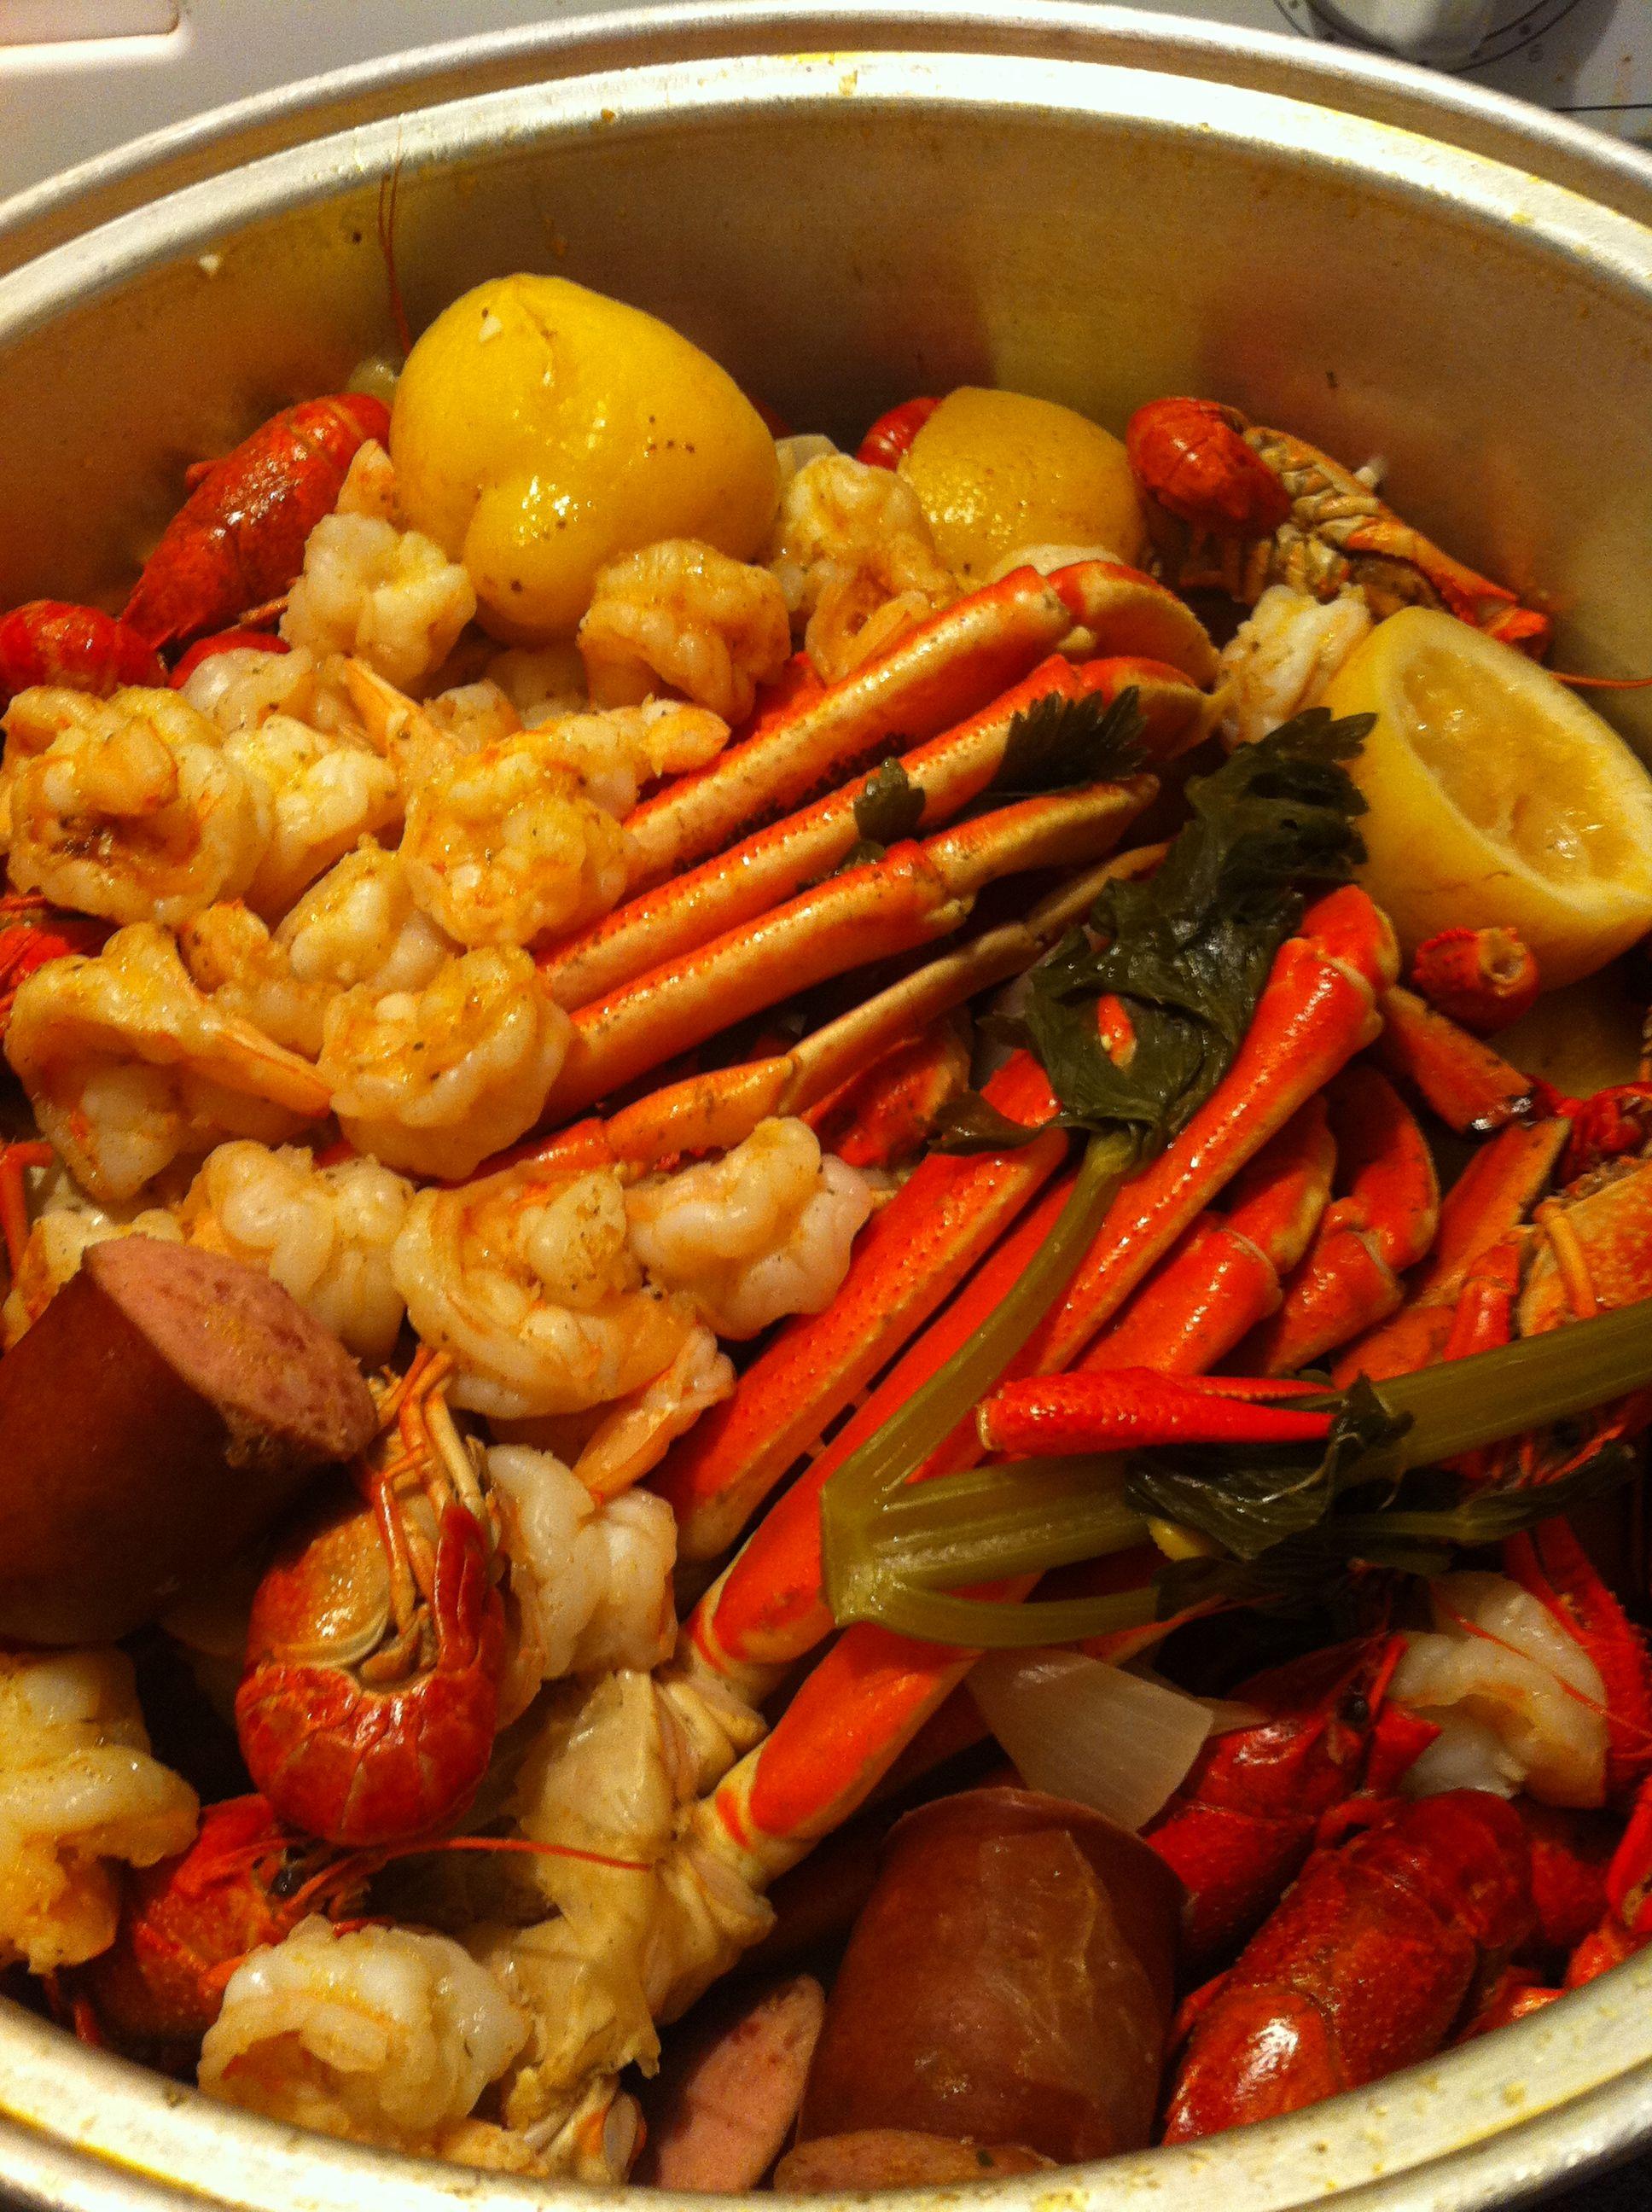 Shrimp crab boil | Food | Pinterest